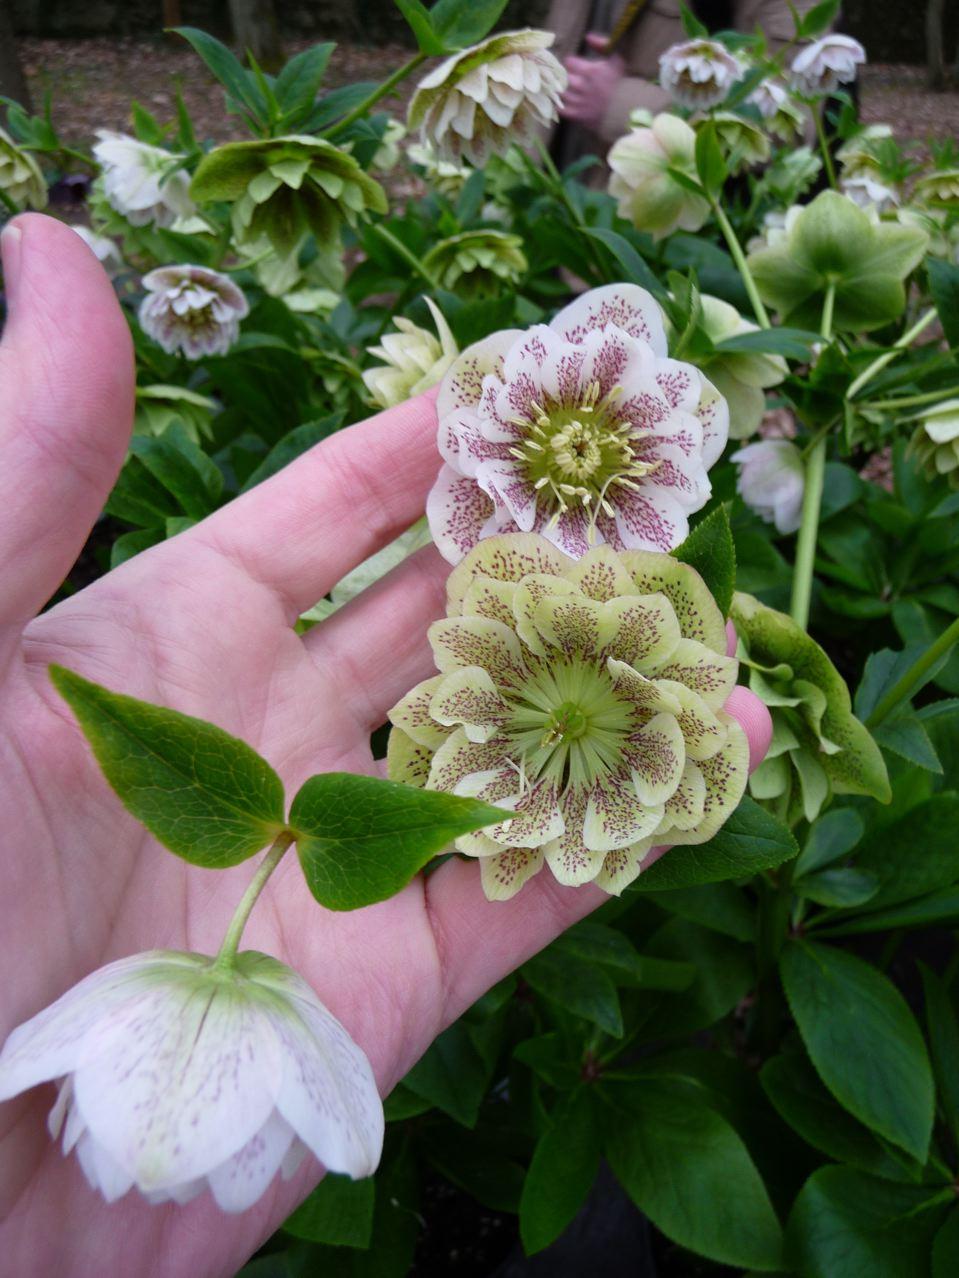 F te des plantes vivaces saint jean de beauregard paris c t jardin - Fete des plantes saint jean de beauregard ...